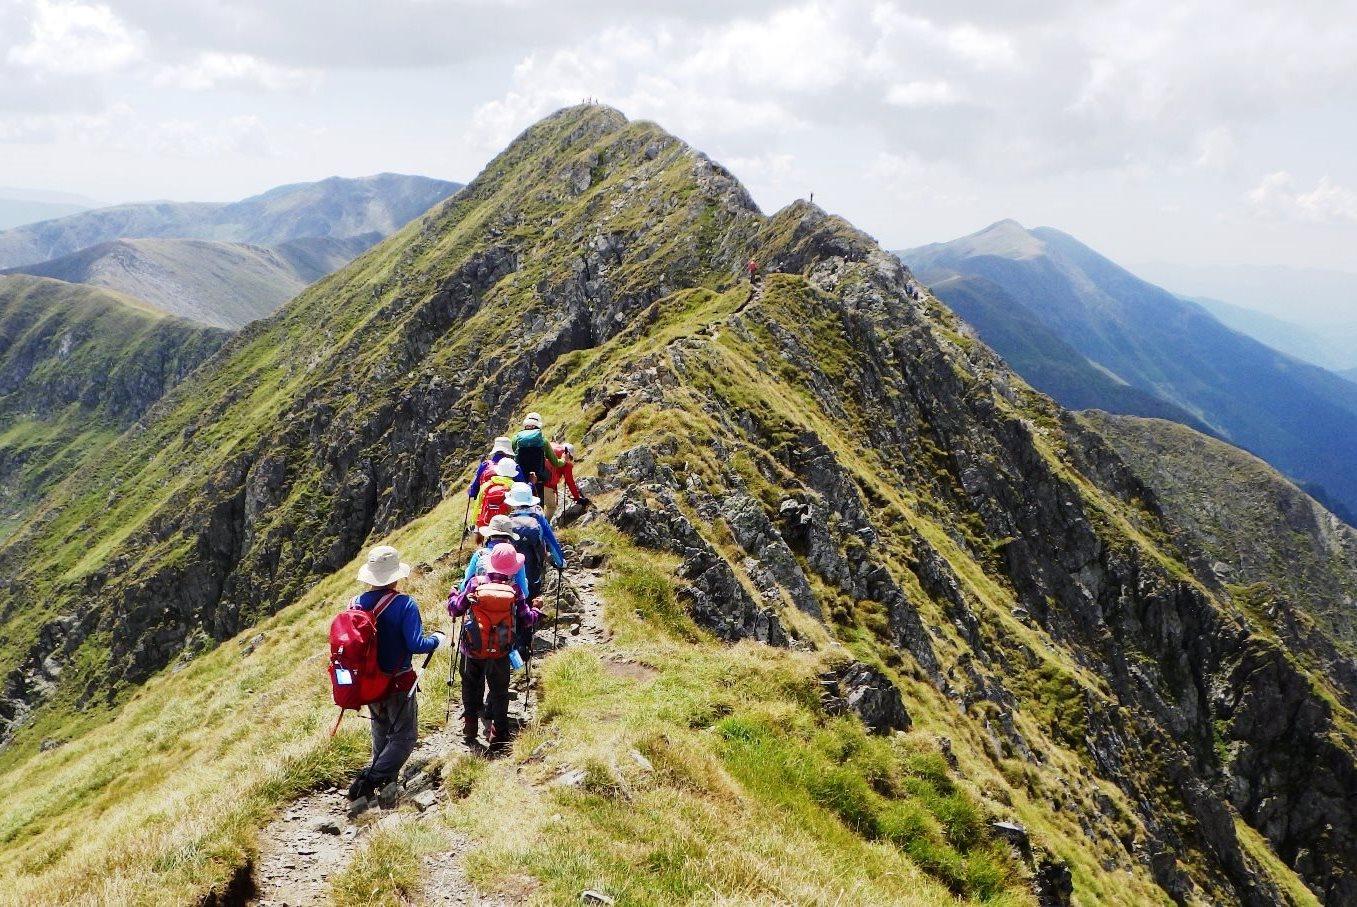 7月31日出発 「ルーマニア最高峰モルドビアヌ山登頂と トランシルヴァニアの旅 10日間」